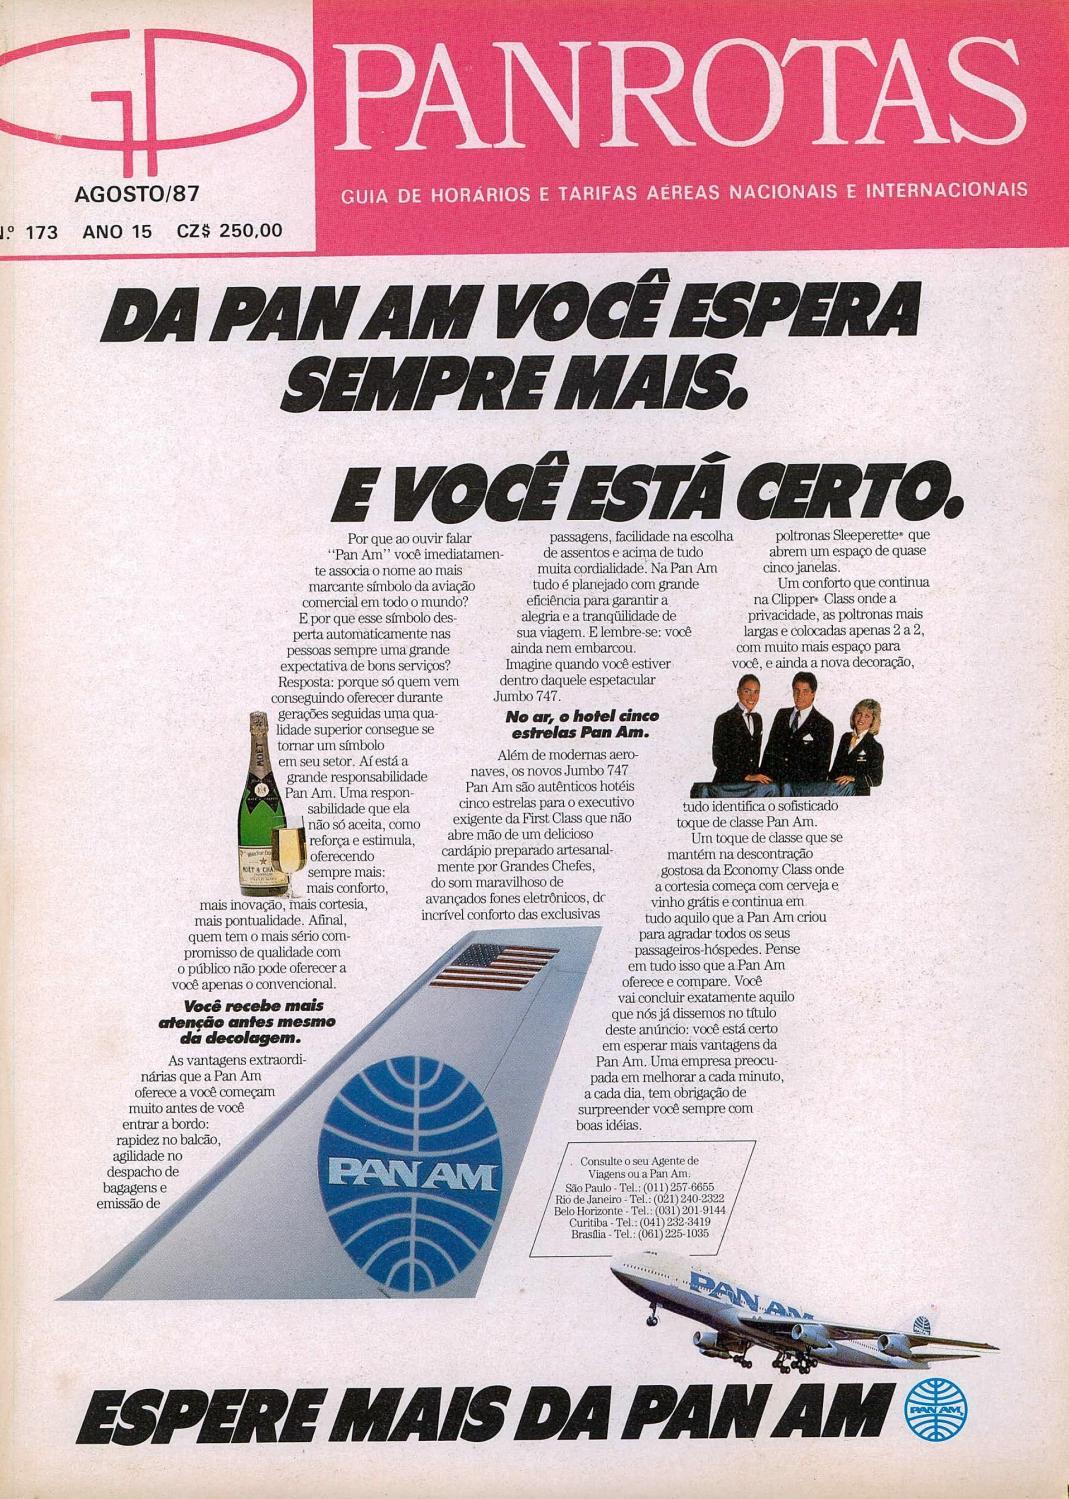 c2e01a90cbd Guia PANROTAS - Edição 173 - Agosto 1987 by PANROTAS Editora - issuu